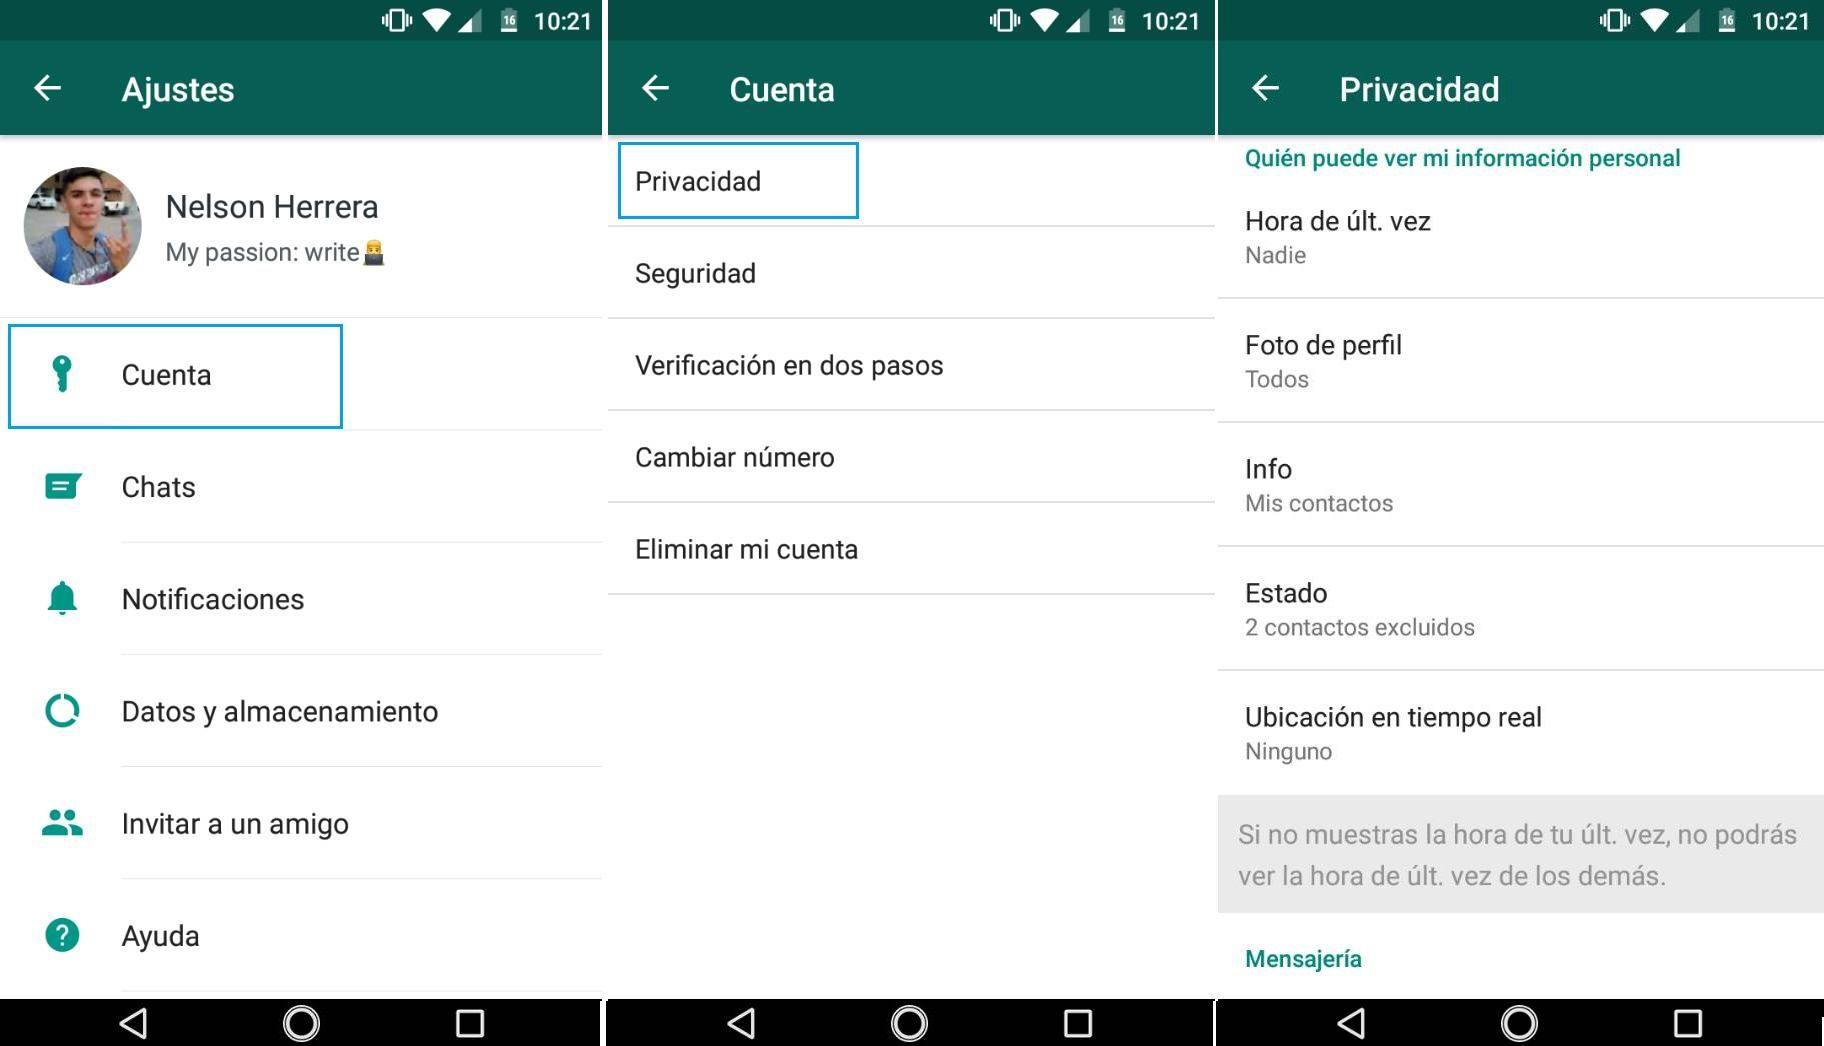 Privacidad dentro de WhatsApp